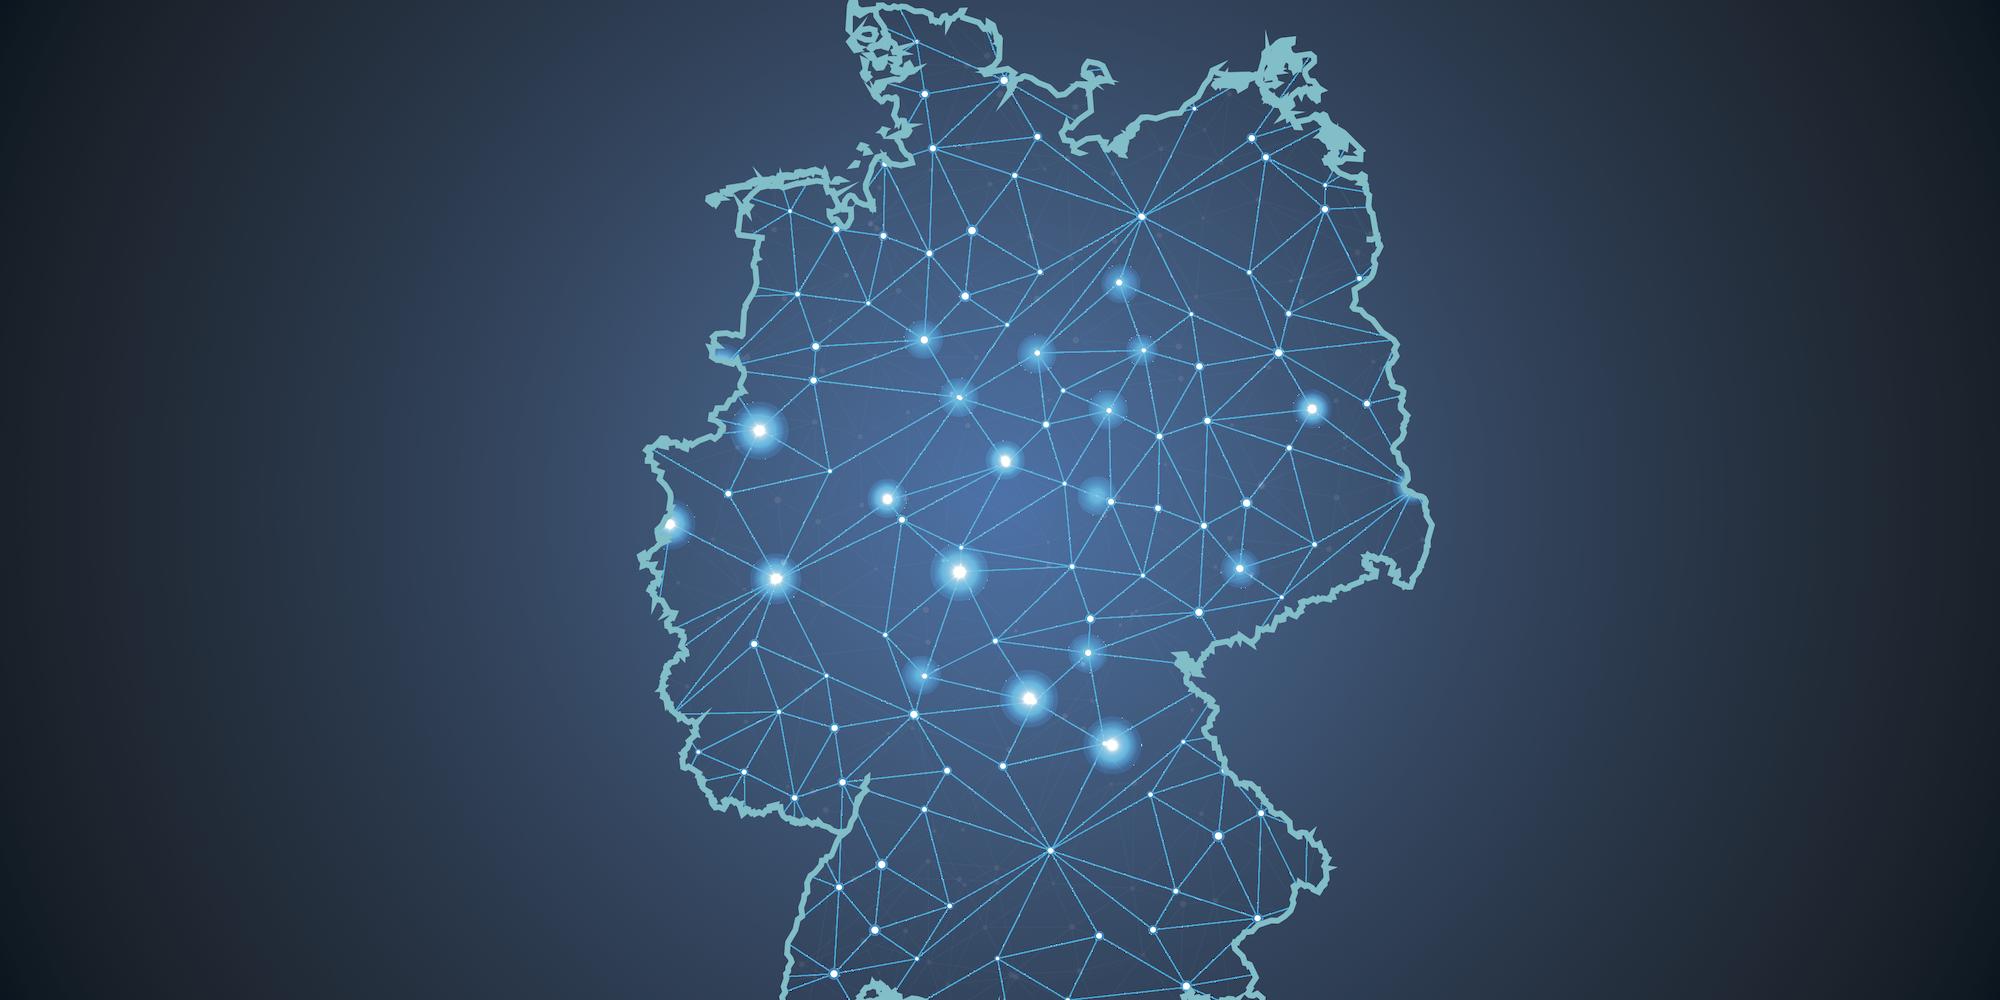 digitale deutschlandkarte Der Standort Deutschland muss dauerhaft in der Top Liga spielen